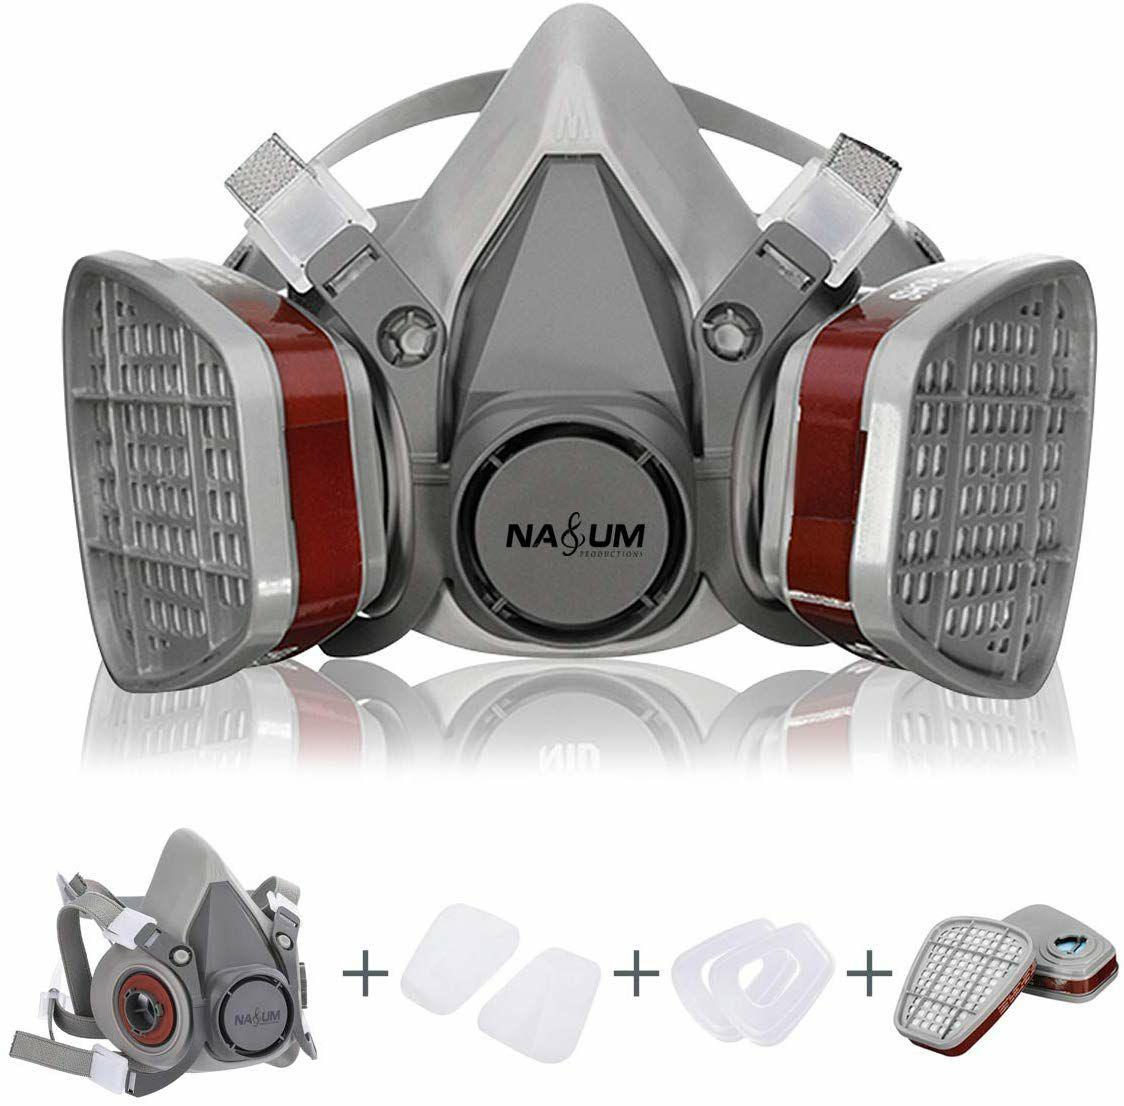 Semimáscara Antigas Máscara para Pintura en Aerosol, Polvo, Productos Químicos, Lijado a Máquina, Formaldehído, Protección con Filtros